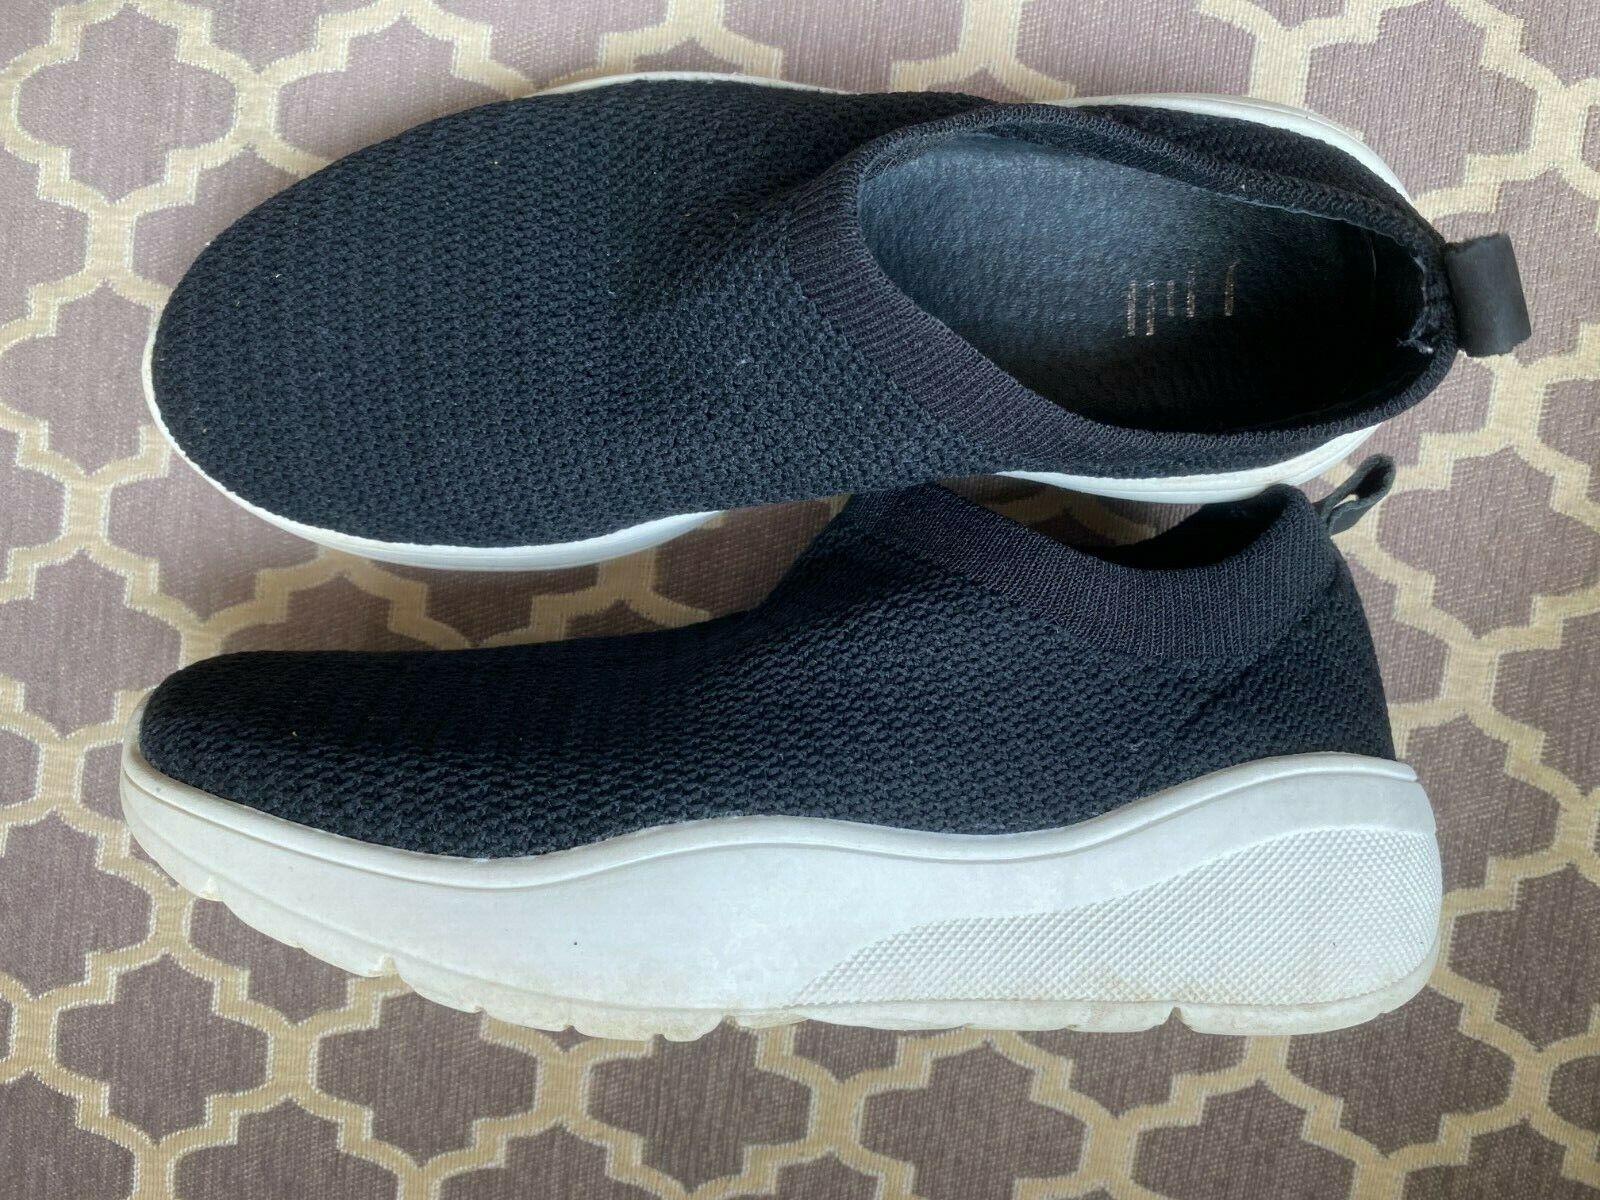 J. Jill Slip-On Black Confortable Athlétique Baskets Chaussures De Marche Taille 6.5 M